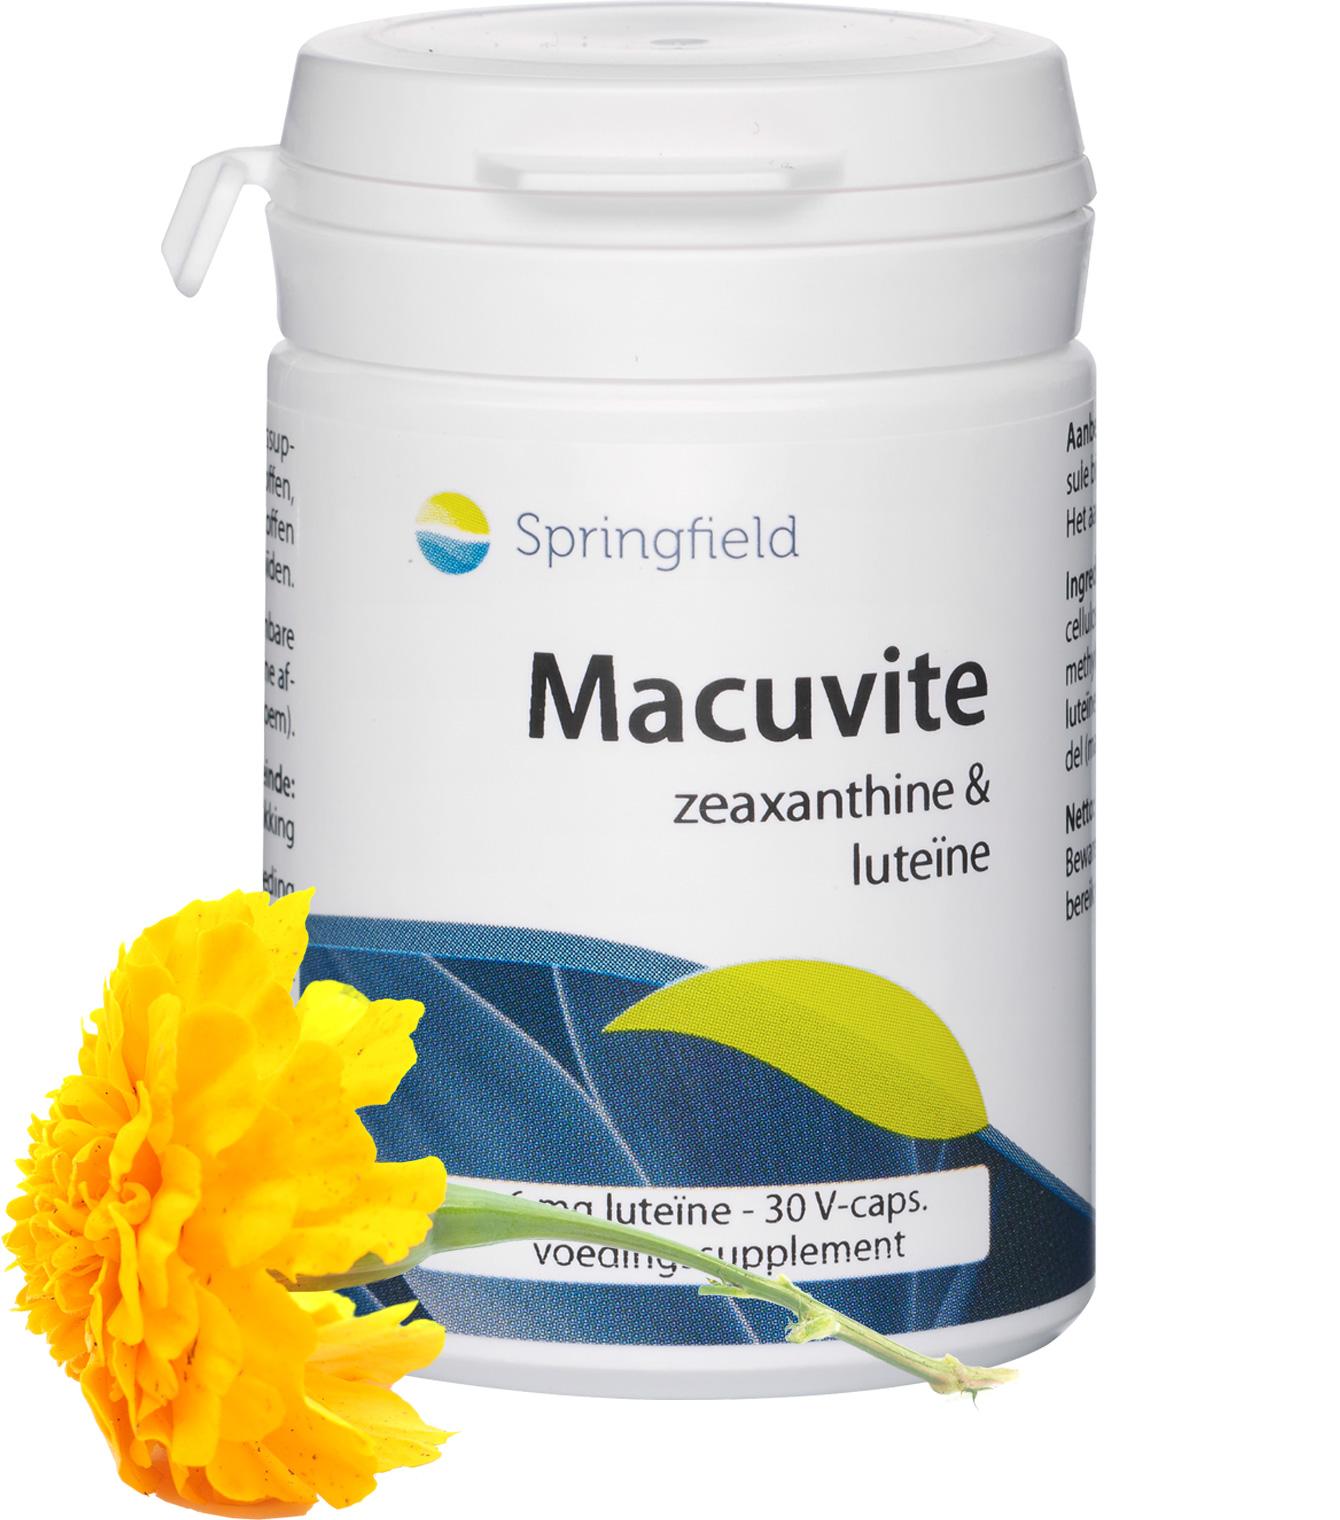 Macuvite zeaxanthine enluteïne